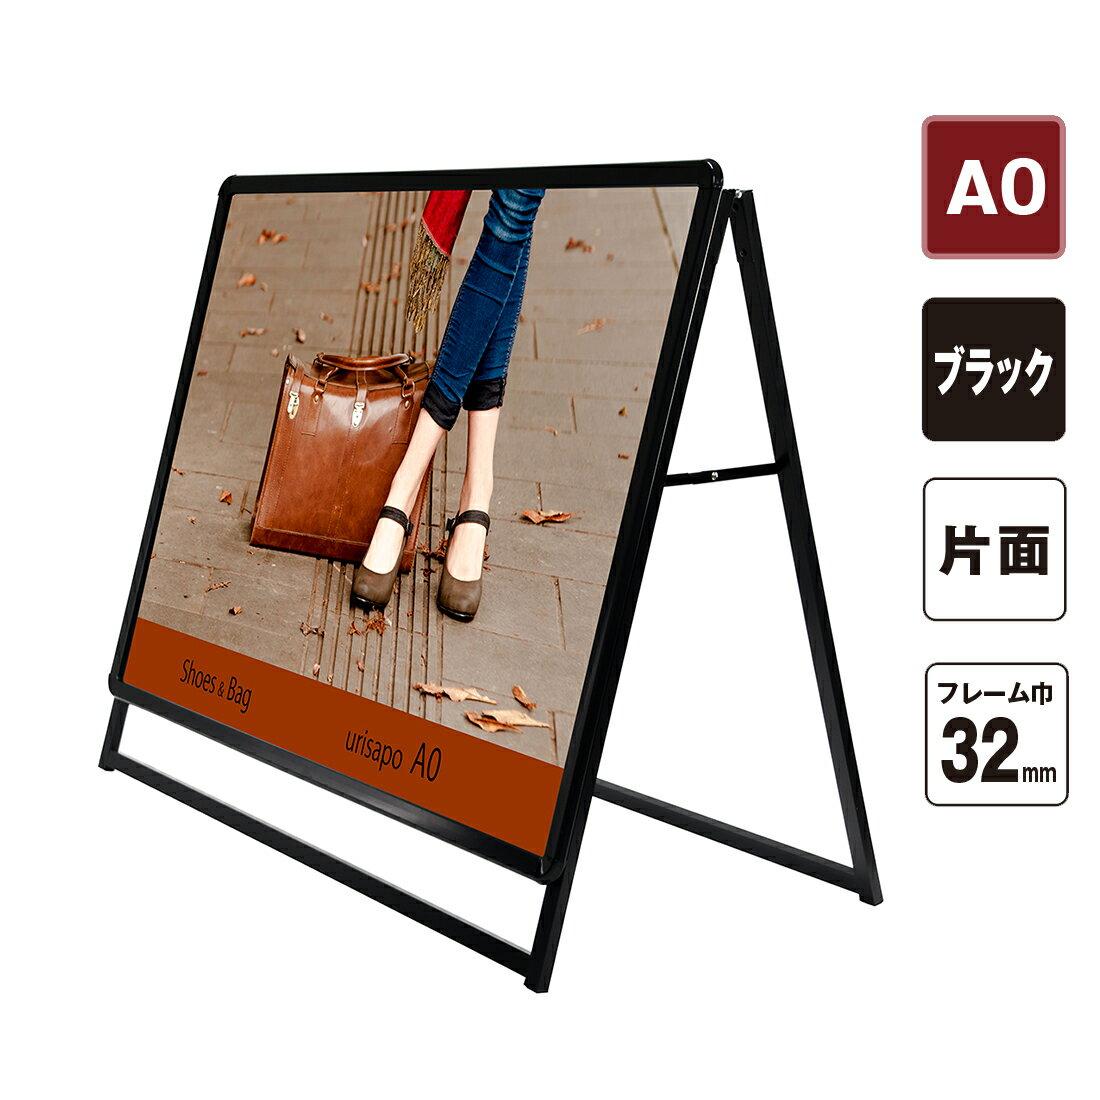 ポスターパネルスタンド A0片面 黒 32mm(全高1m以下) ポスタースタンド 立て看板 フレームスタンド 最安値 A型看板 a0 横 a型看板 送料無料 スタンド看板